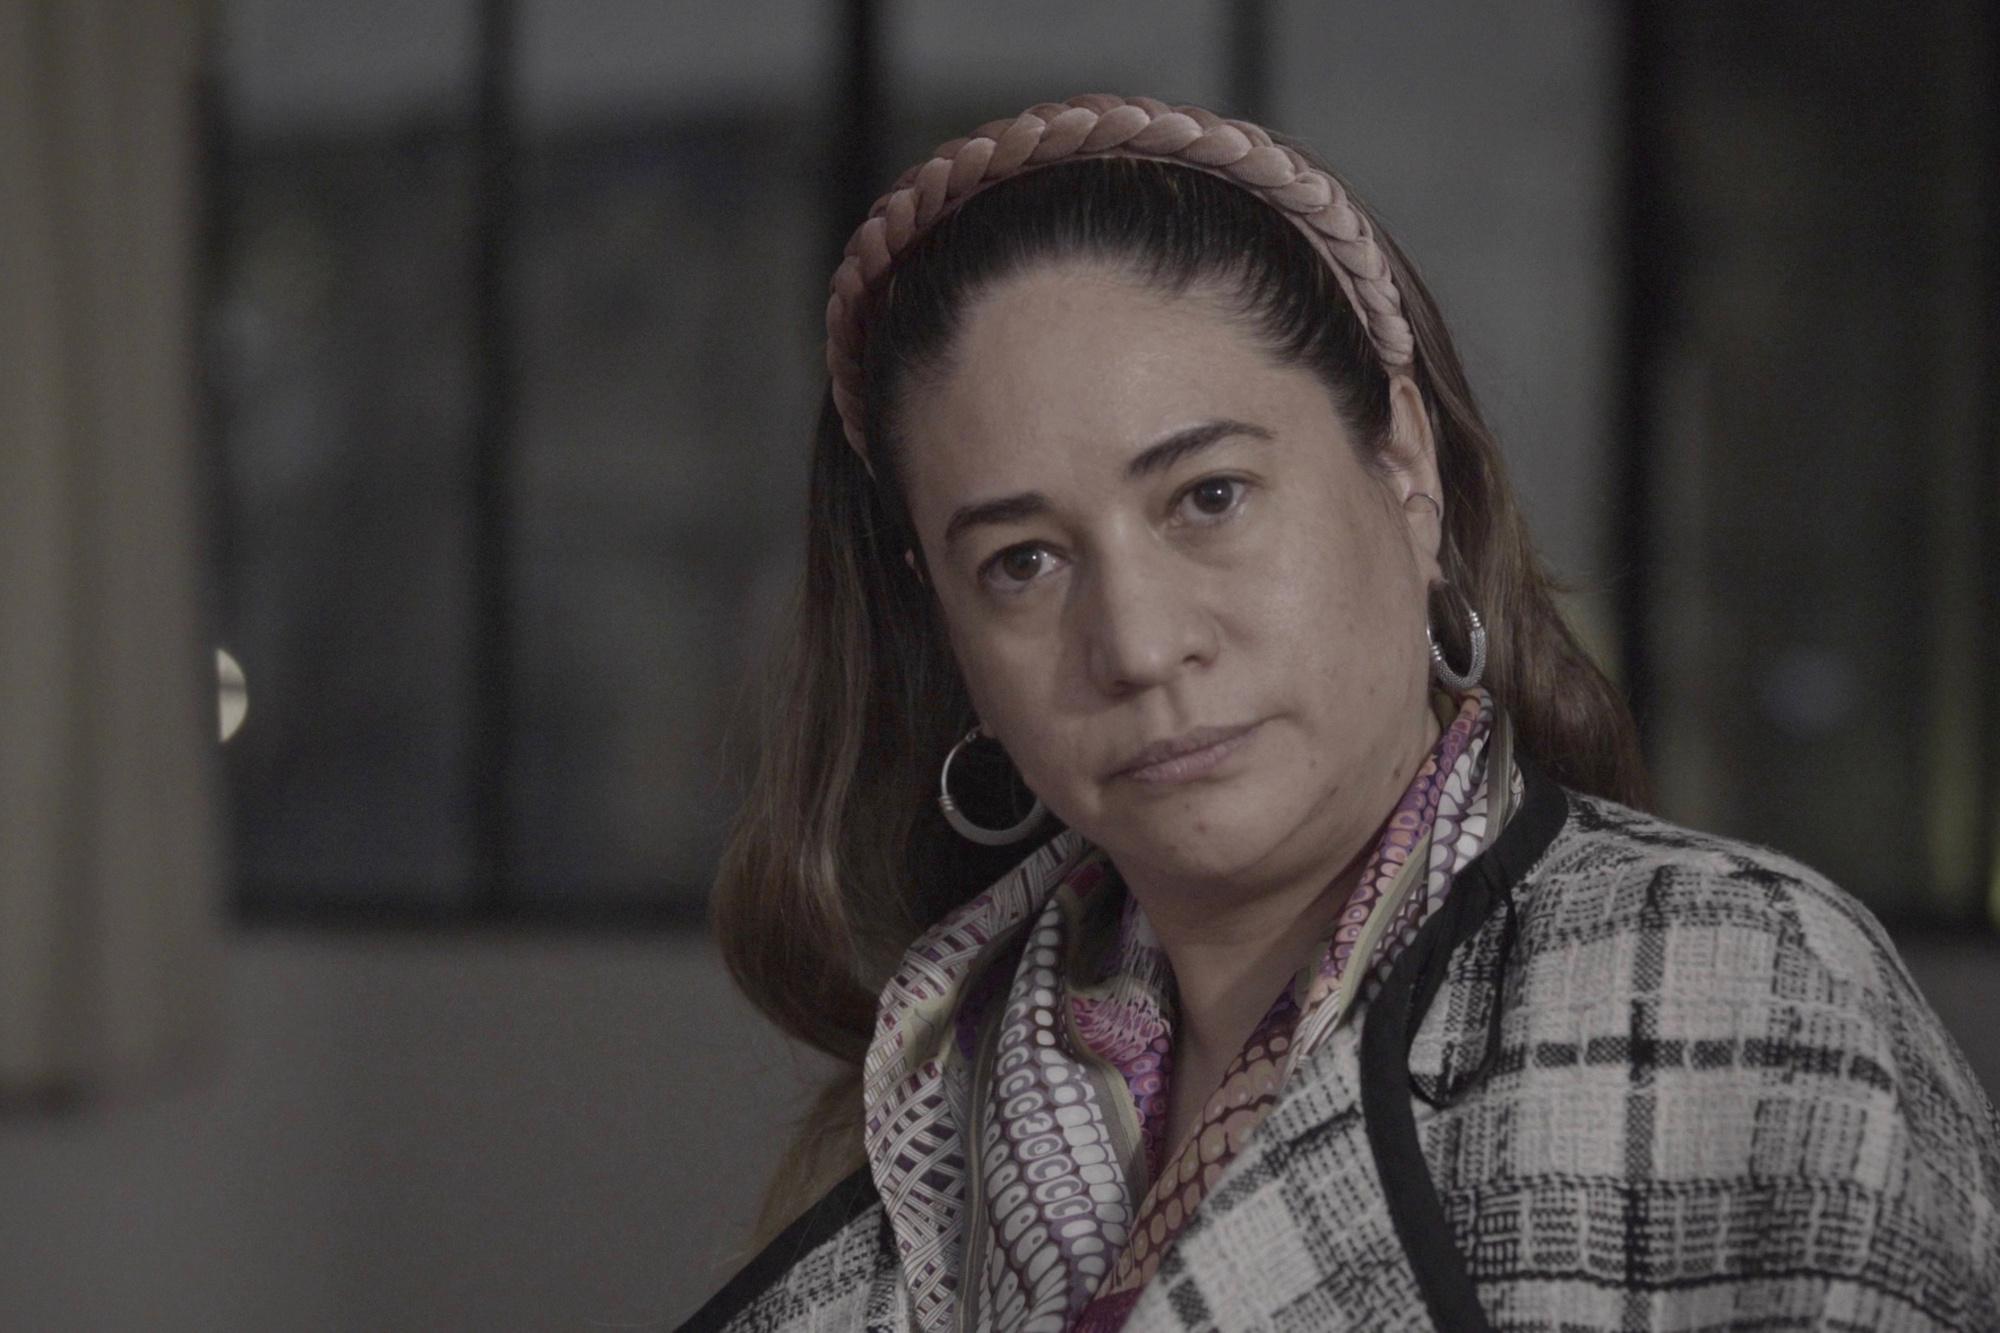 Voormalig Mexicaans federaal procureur Laura Borbolla heeft grote twijfels bij het officiële onderzoek naar de moord op Regina Martínez., Forbidden Stories